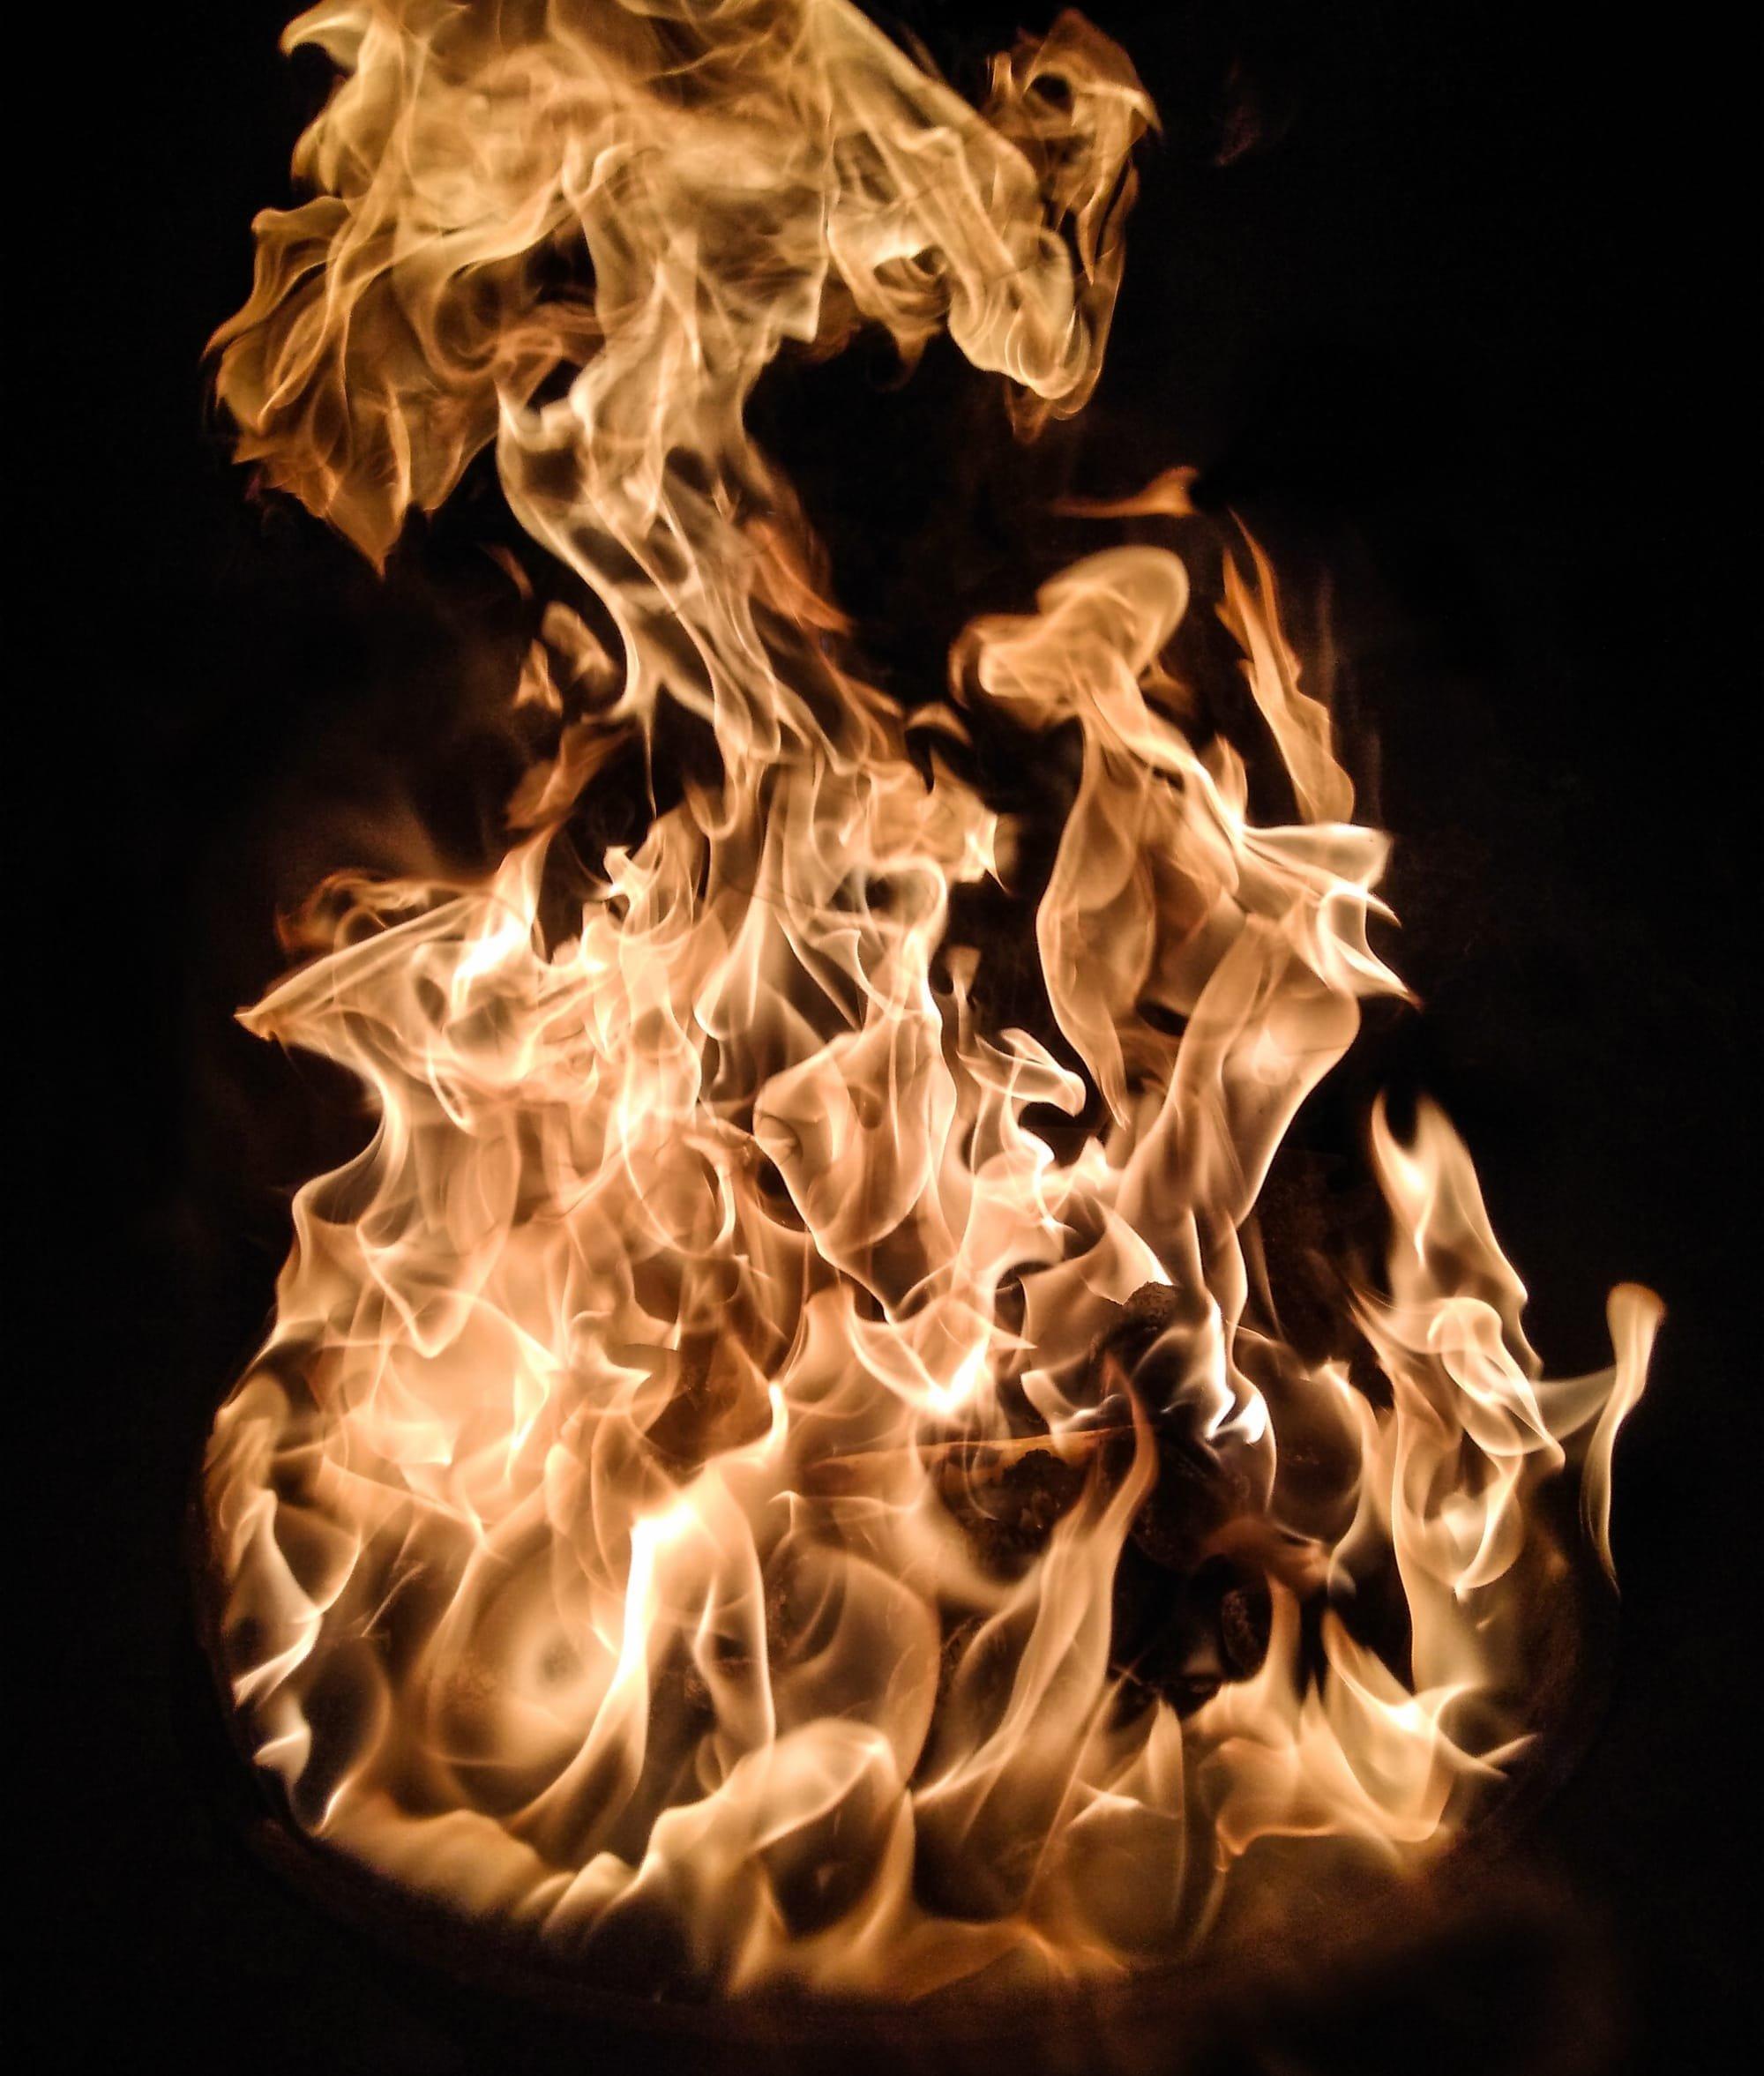 סופי ביסק, אש הגיהנום, שניצל חם, אבו דאבי